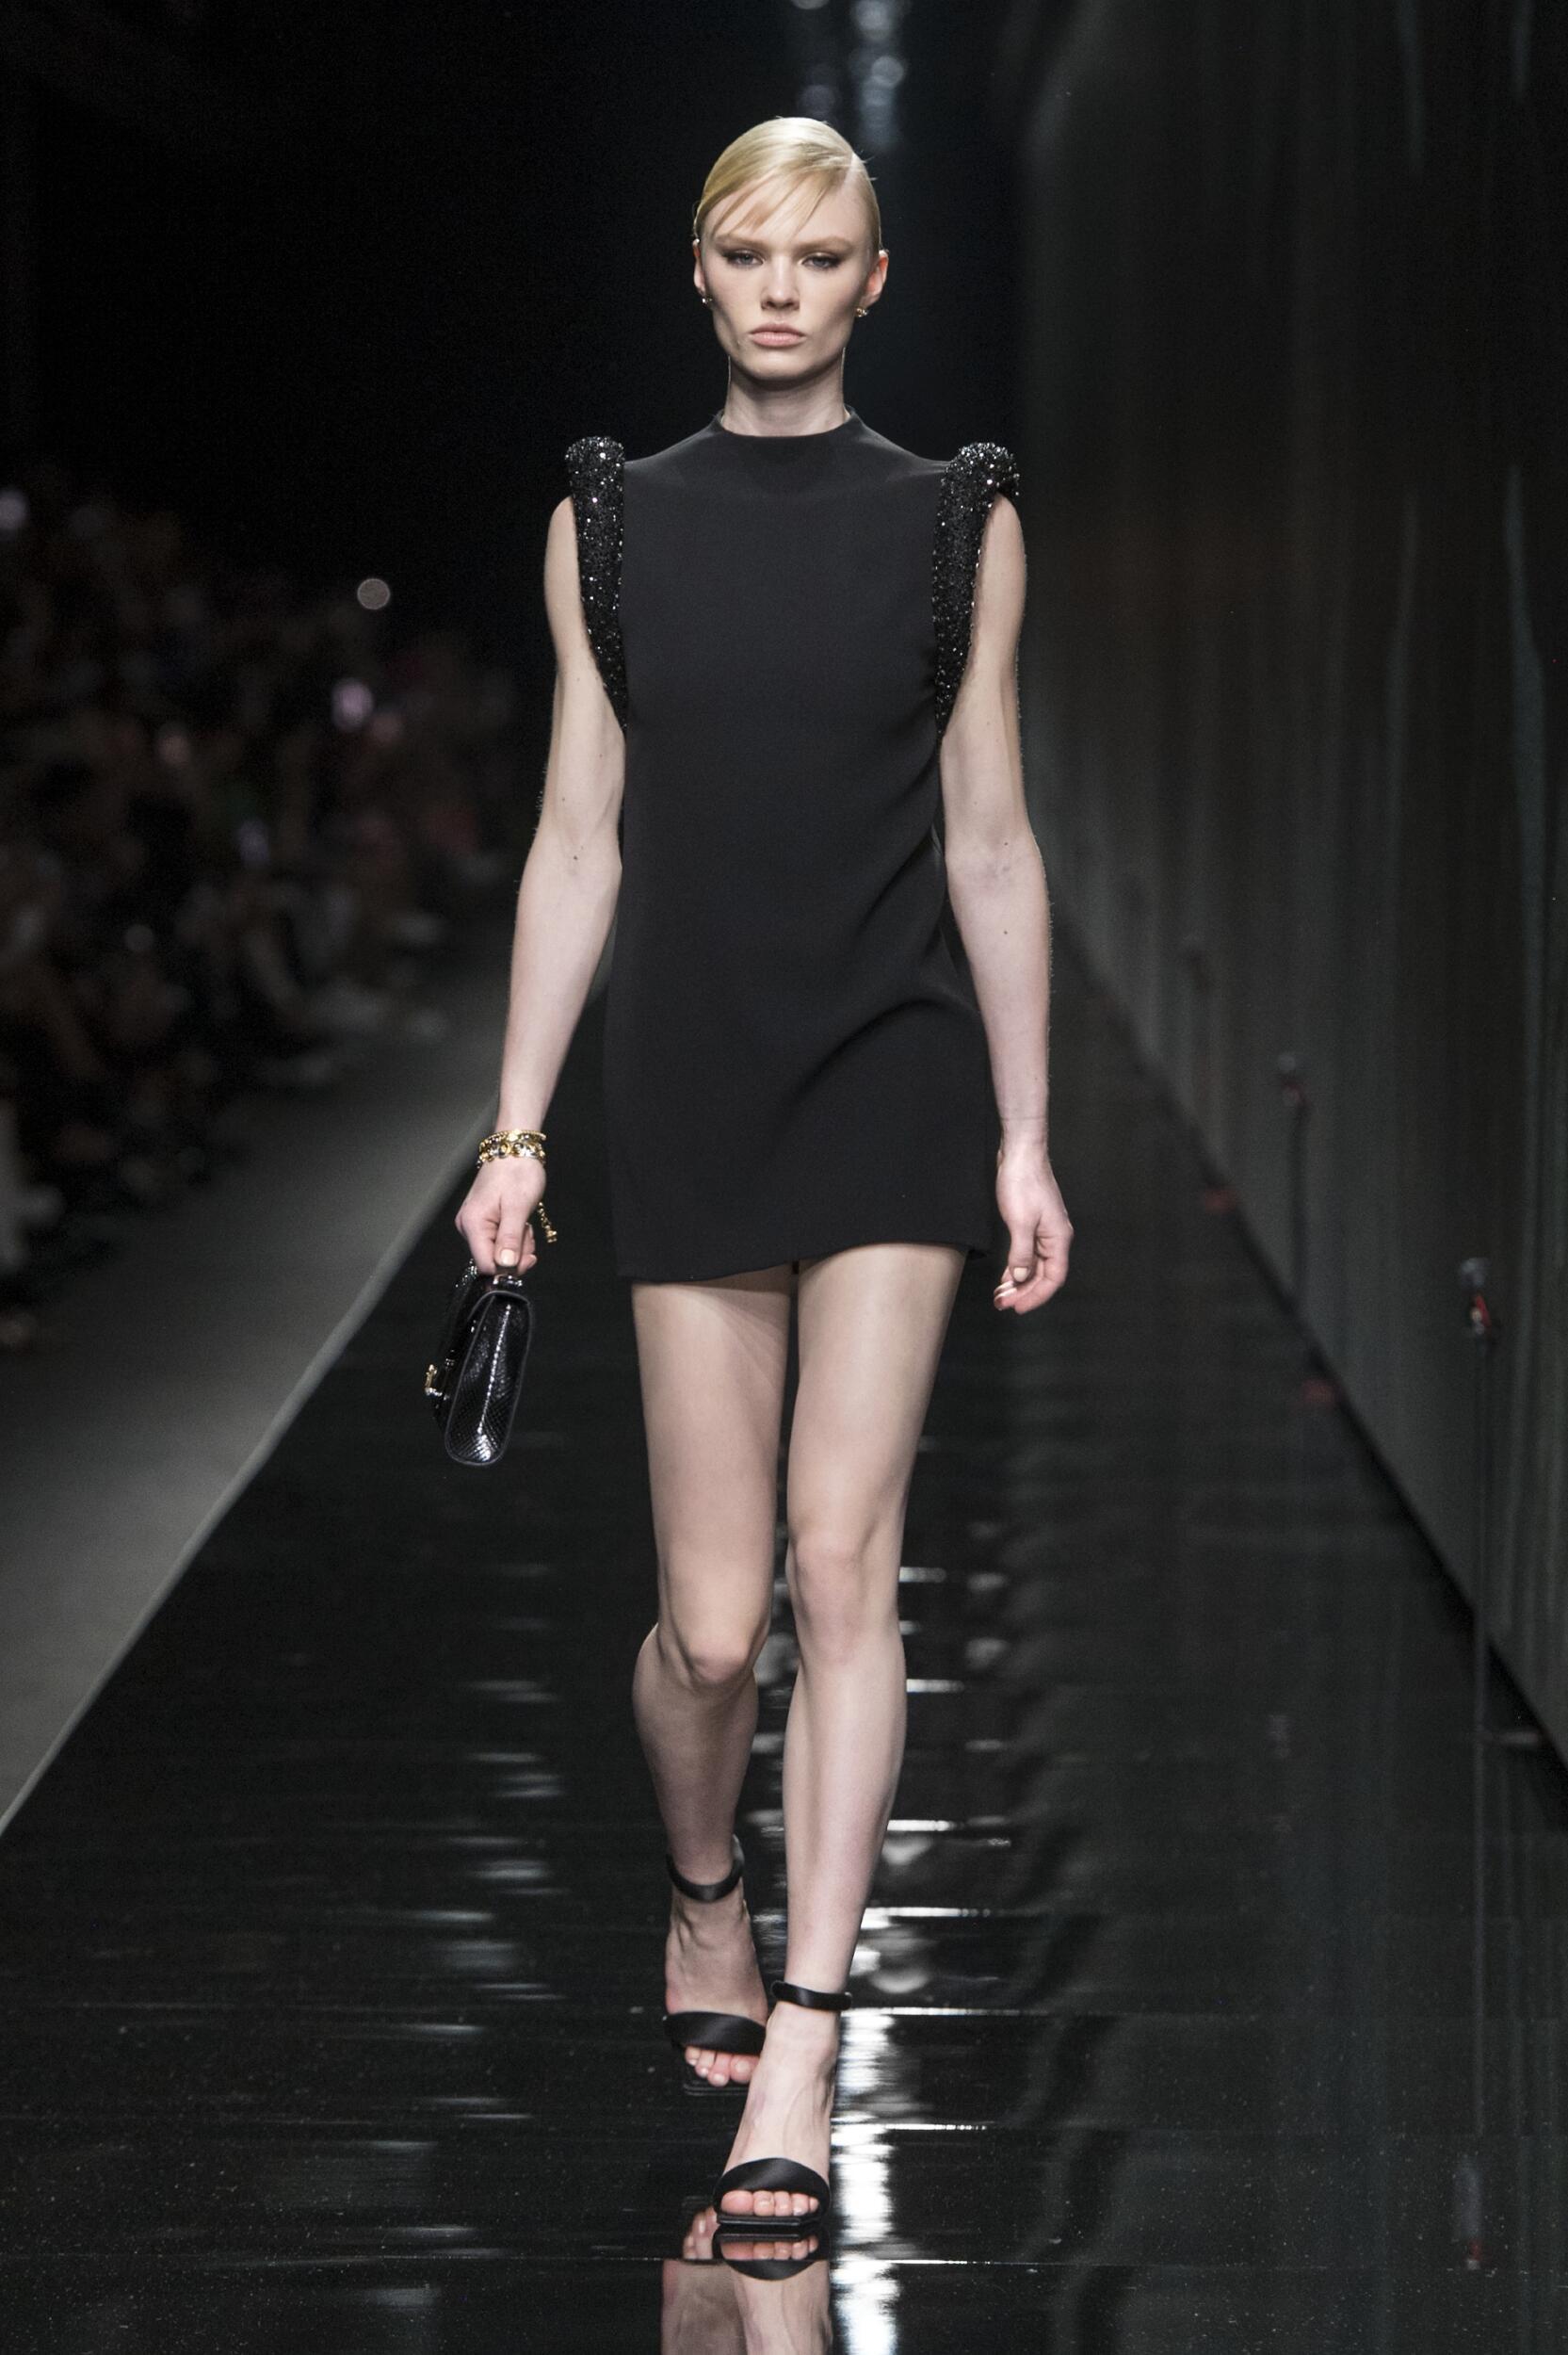 2020 Versace Winter Runway Show Woman